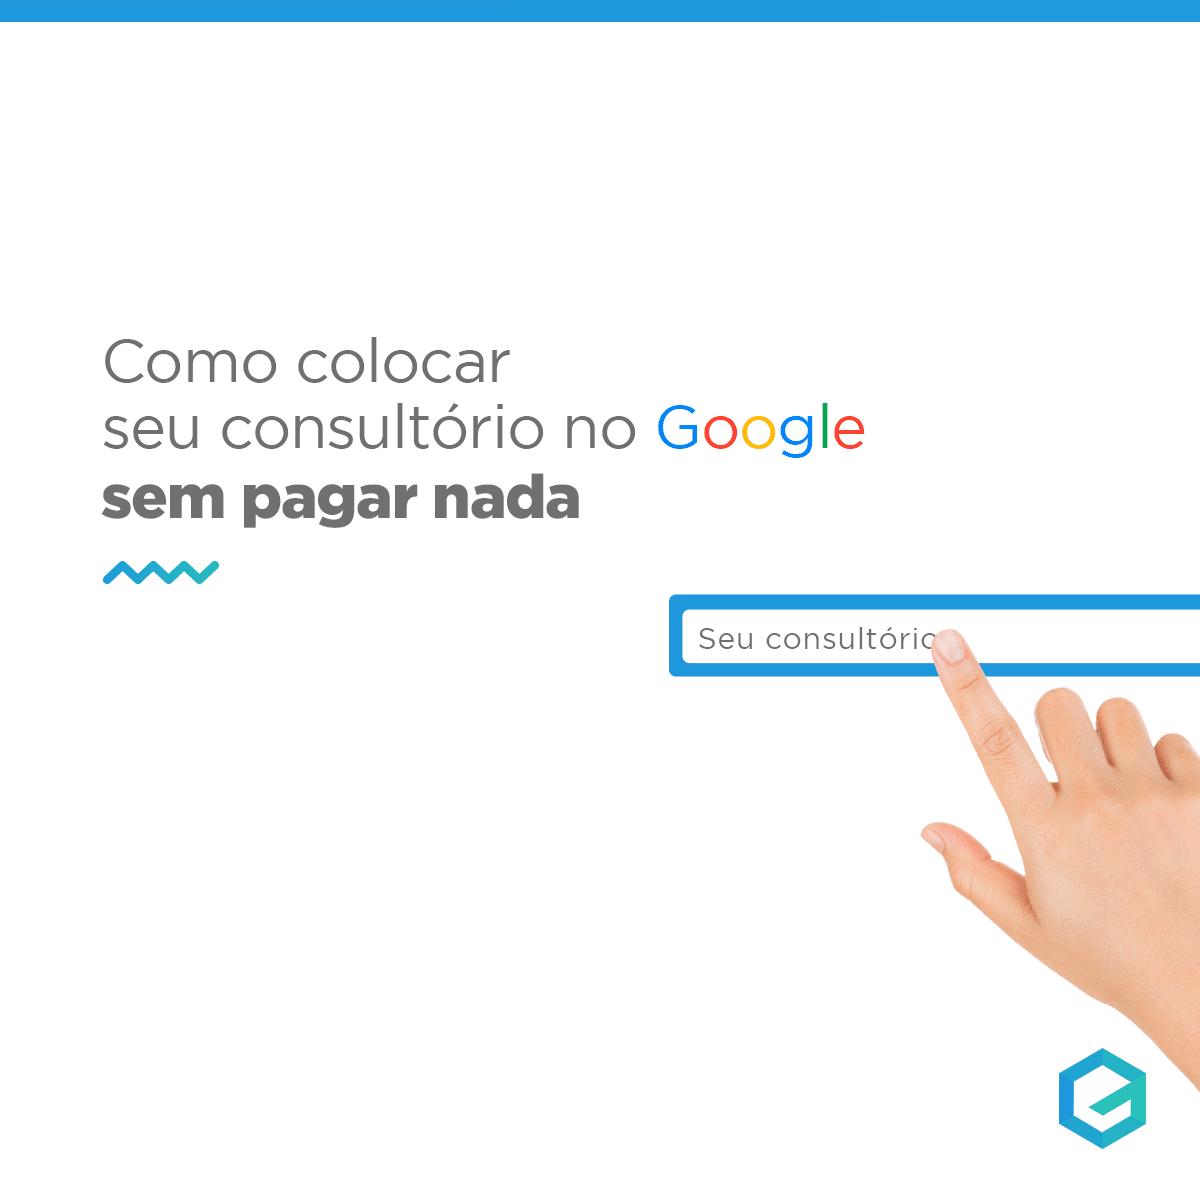 como colocar seu consultório no google